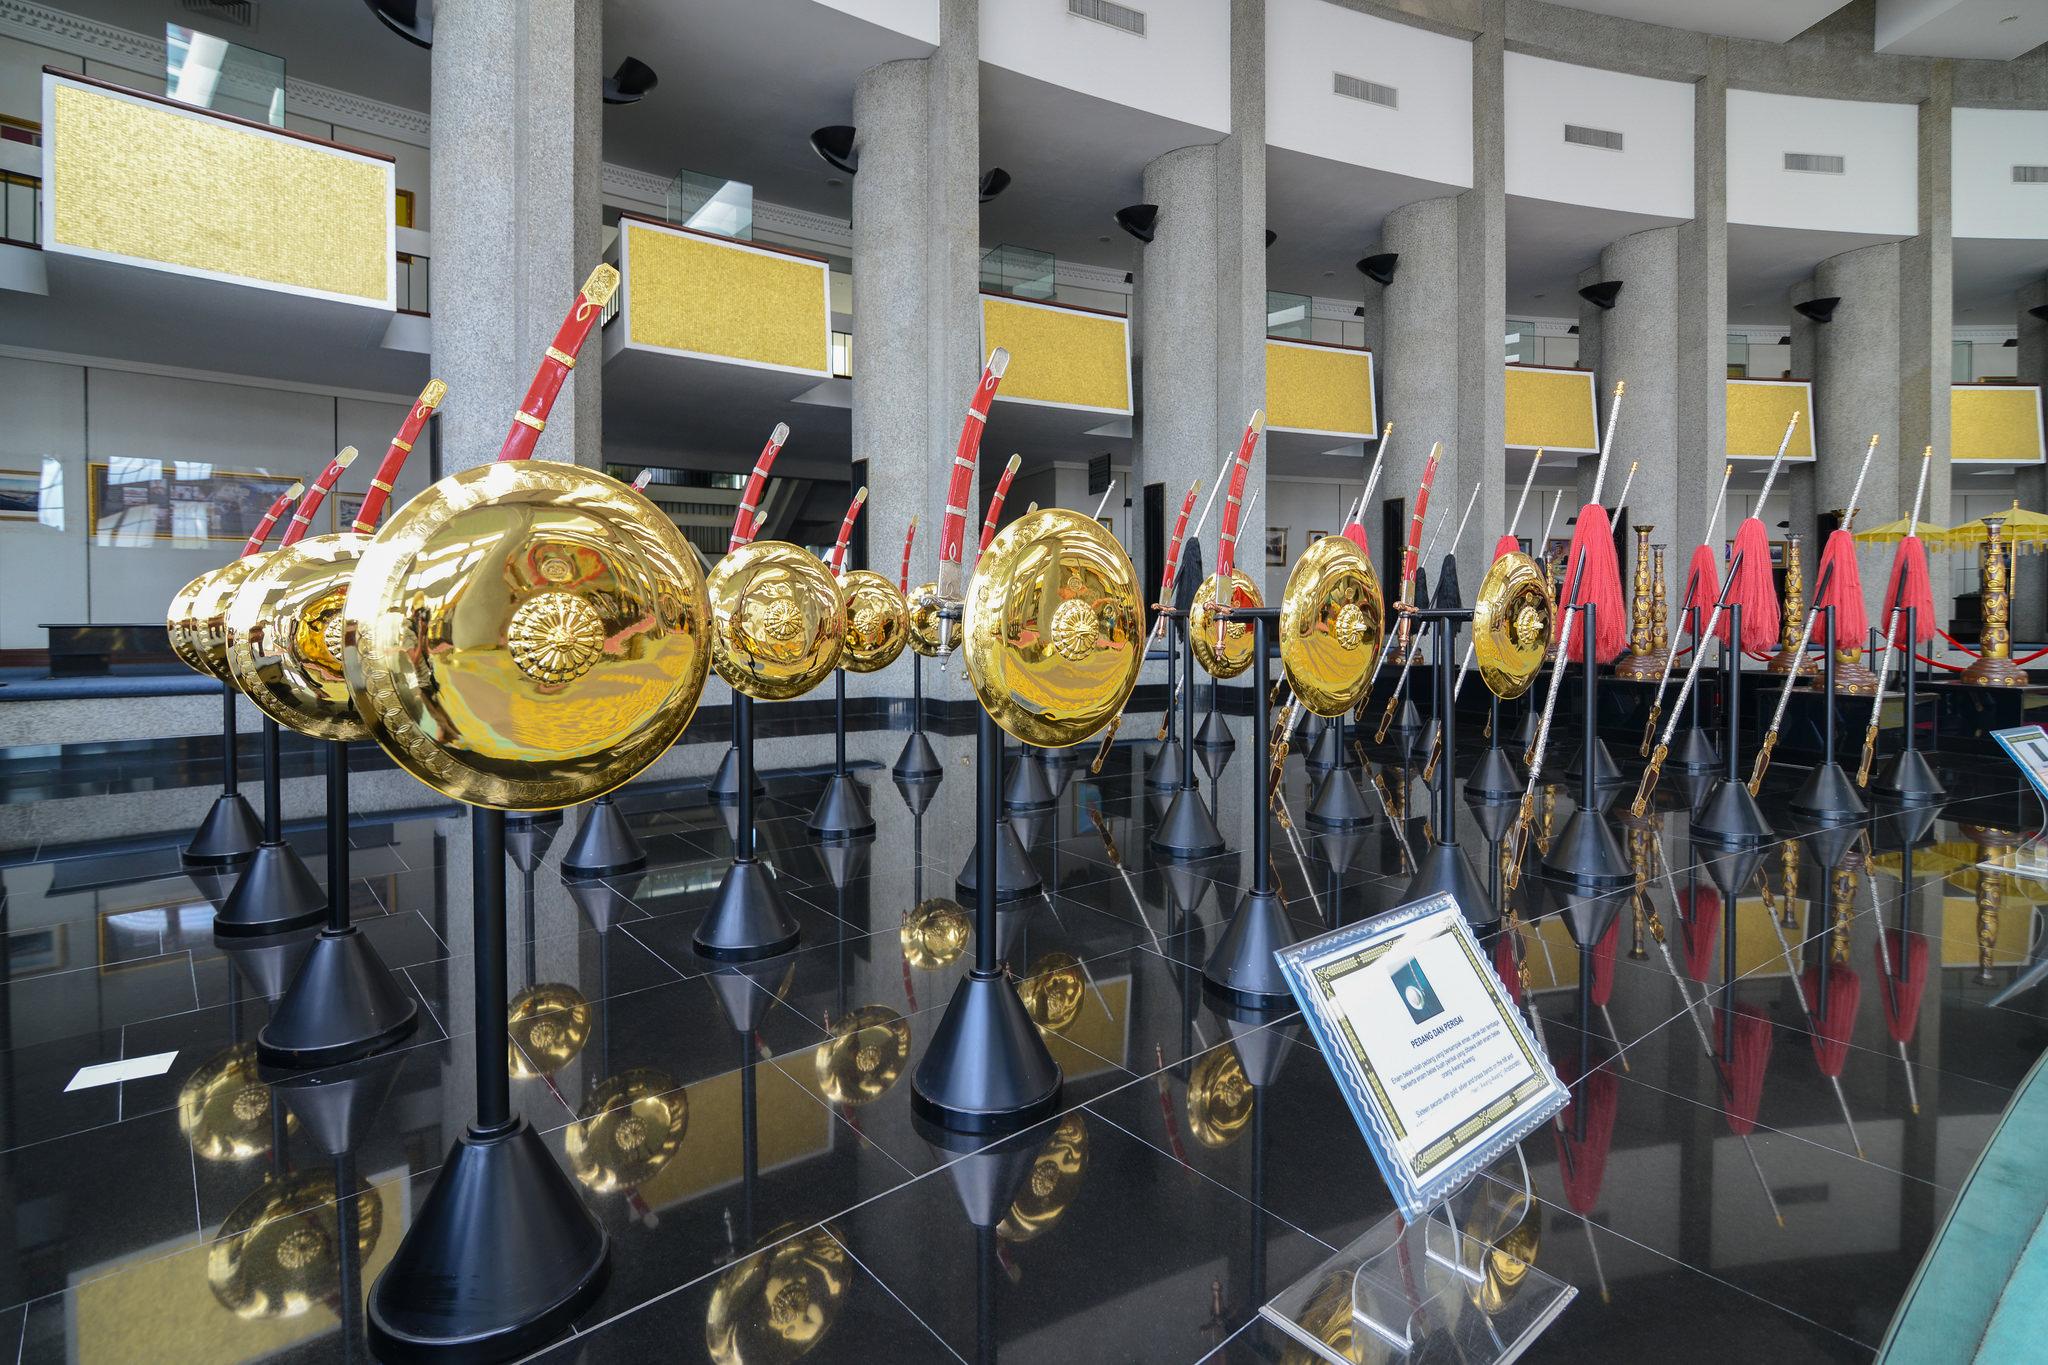 Ceremonialne złote tarcze fot. Jorge Láscar / Flickr